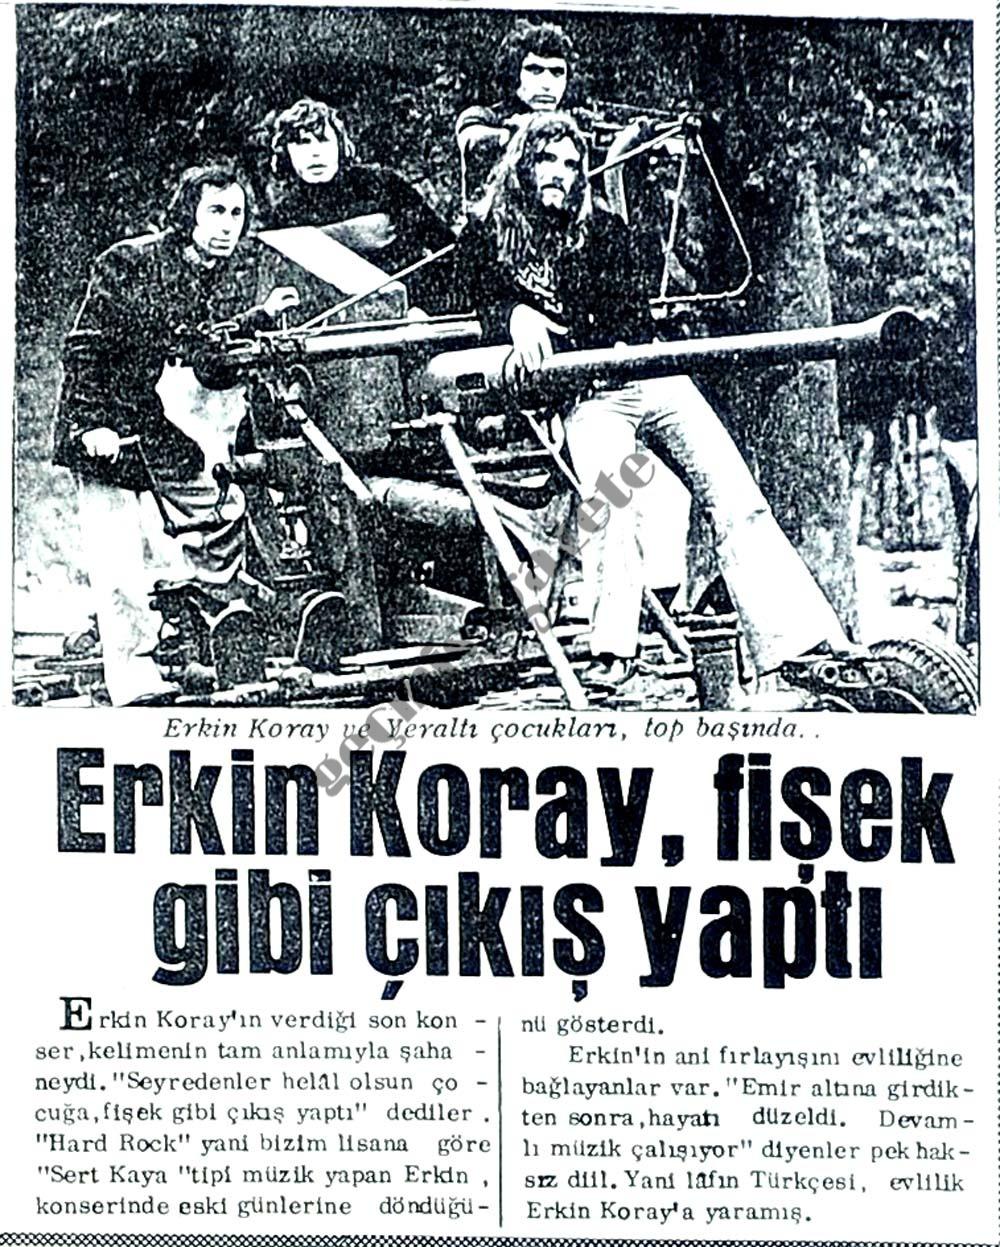 Erkin Koray, fişek gibi çıkış yaptı